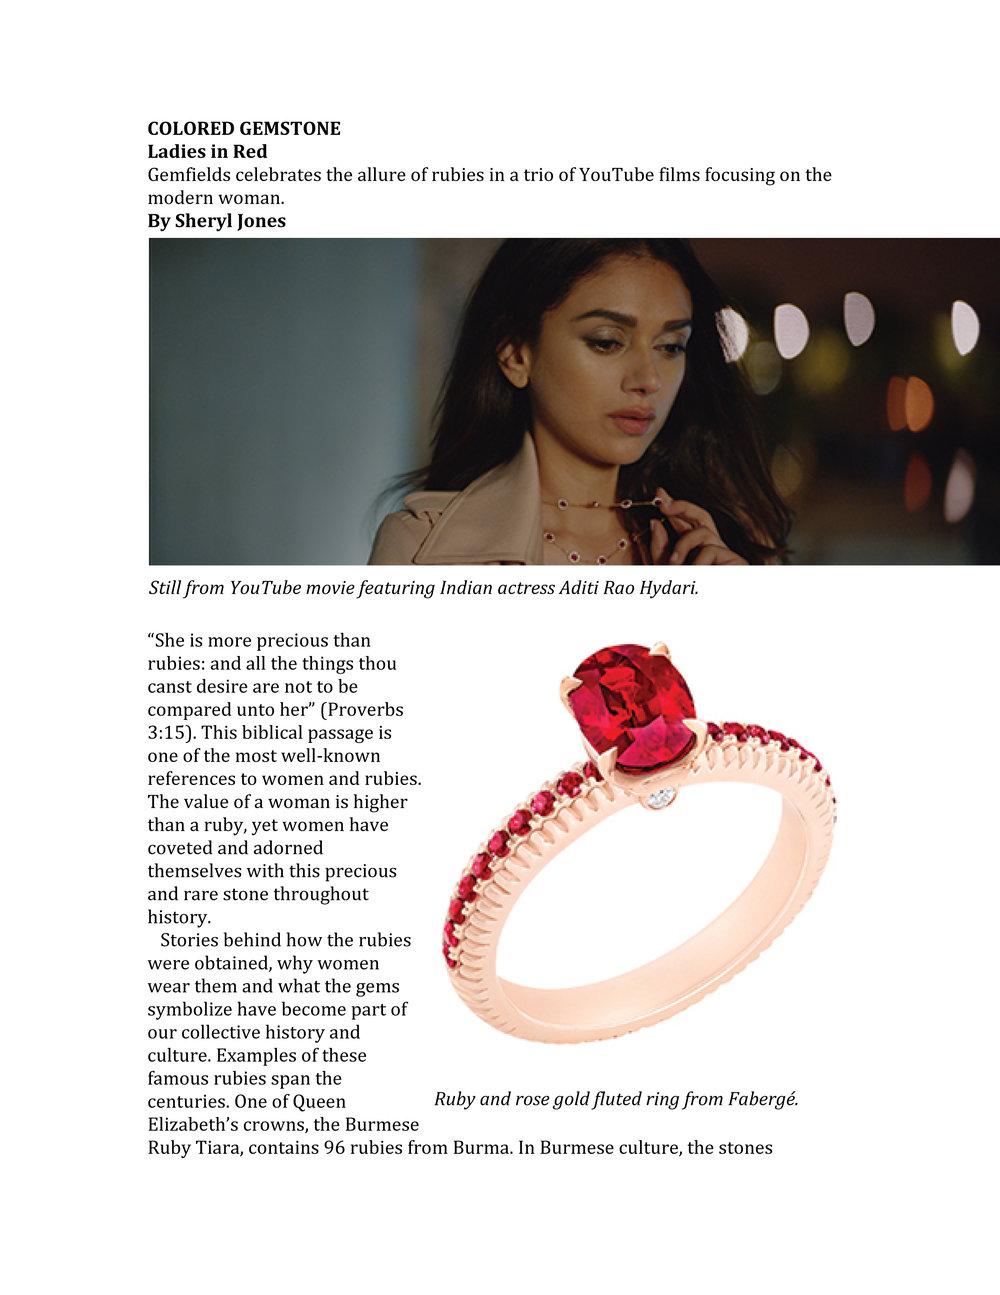 colored-gemstone-ladies-in-red-rubies-sheryl-jones